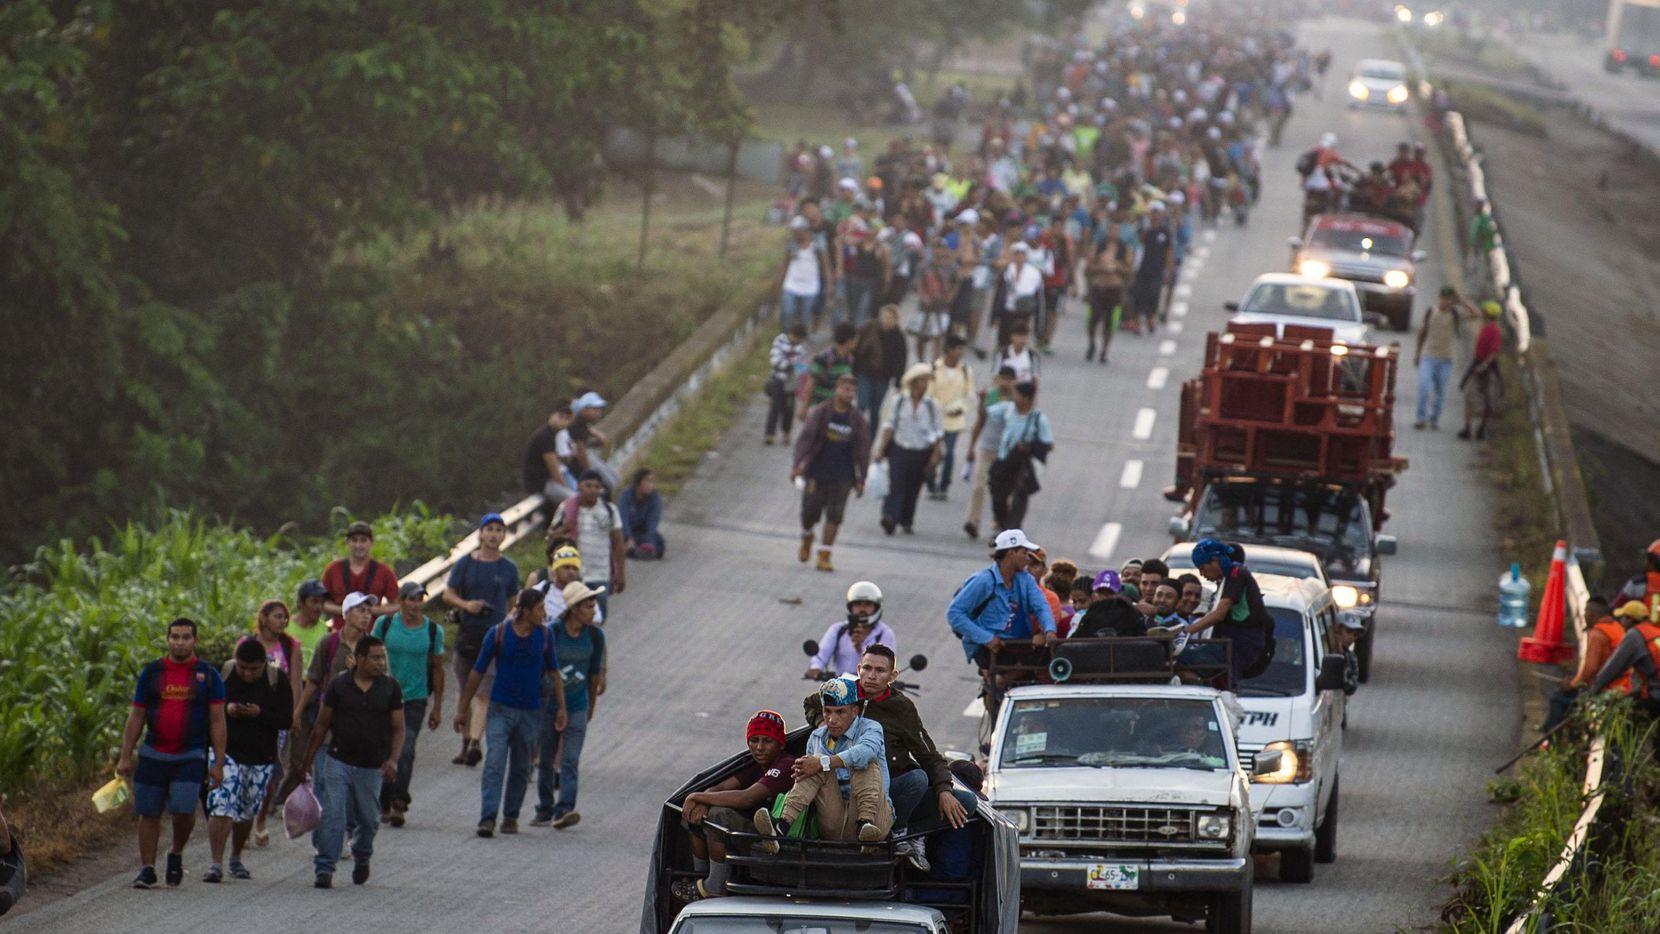 Migrantes hondureños caminan junto a vehículos que transportan a personas desde Chiapas, México, en su trayecto hacia el norte. (AFP/Getty Images/PEDRO PARDO)